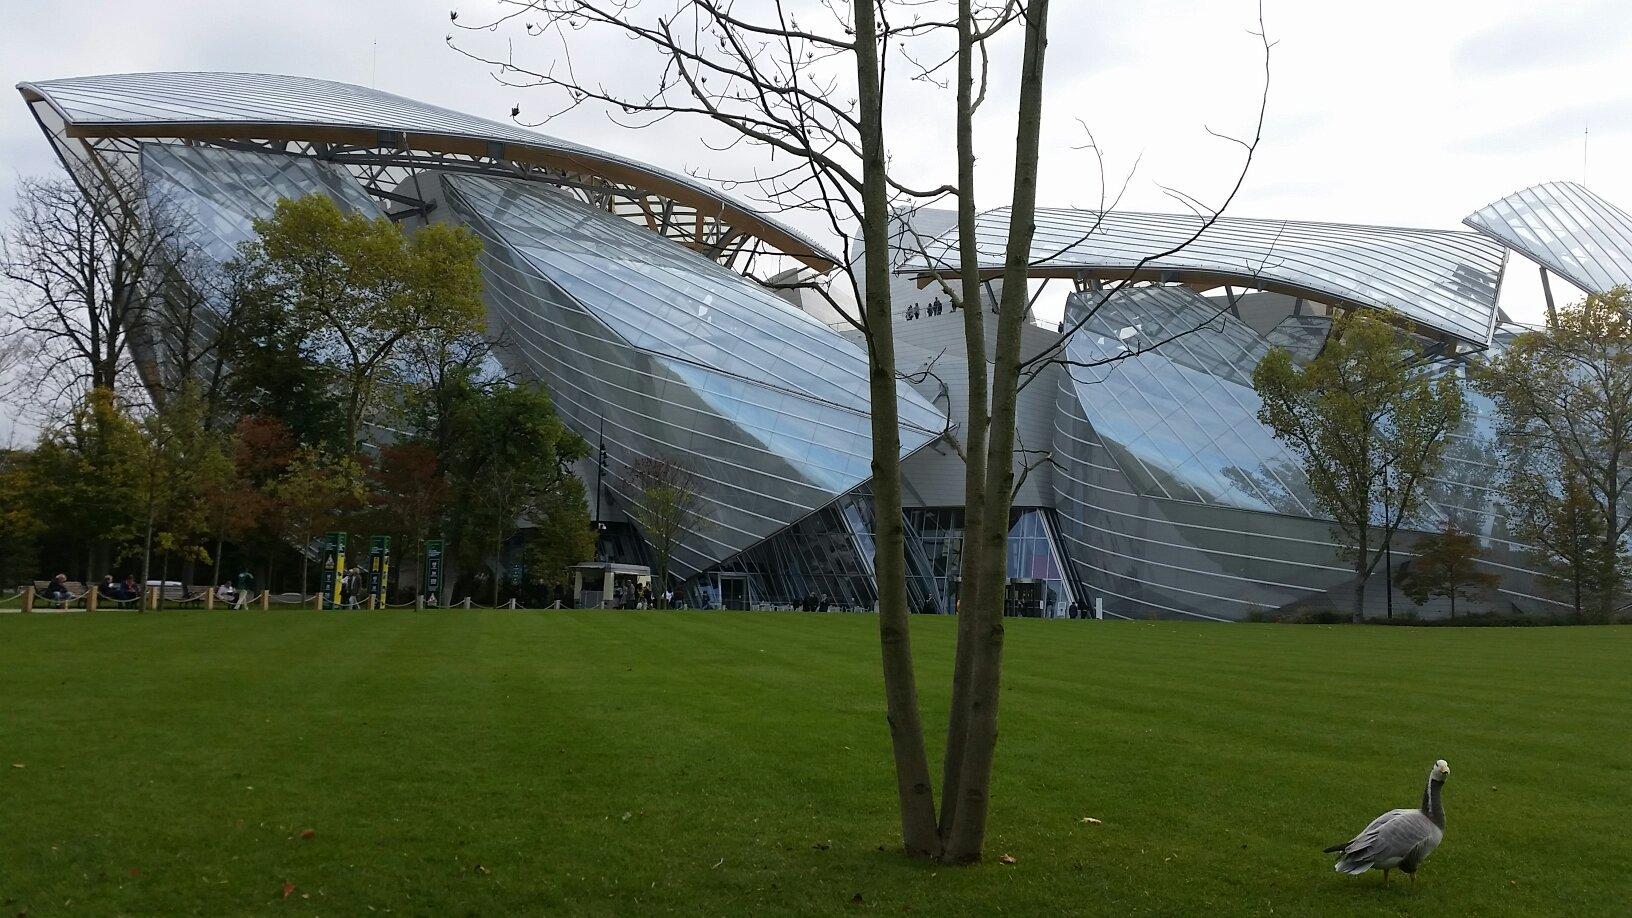 662-jardin-d'acclimatation-paris-bois-de-boulogne---1.jpg